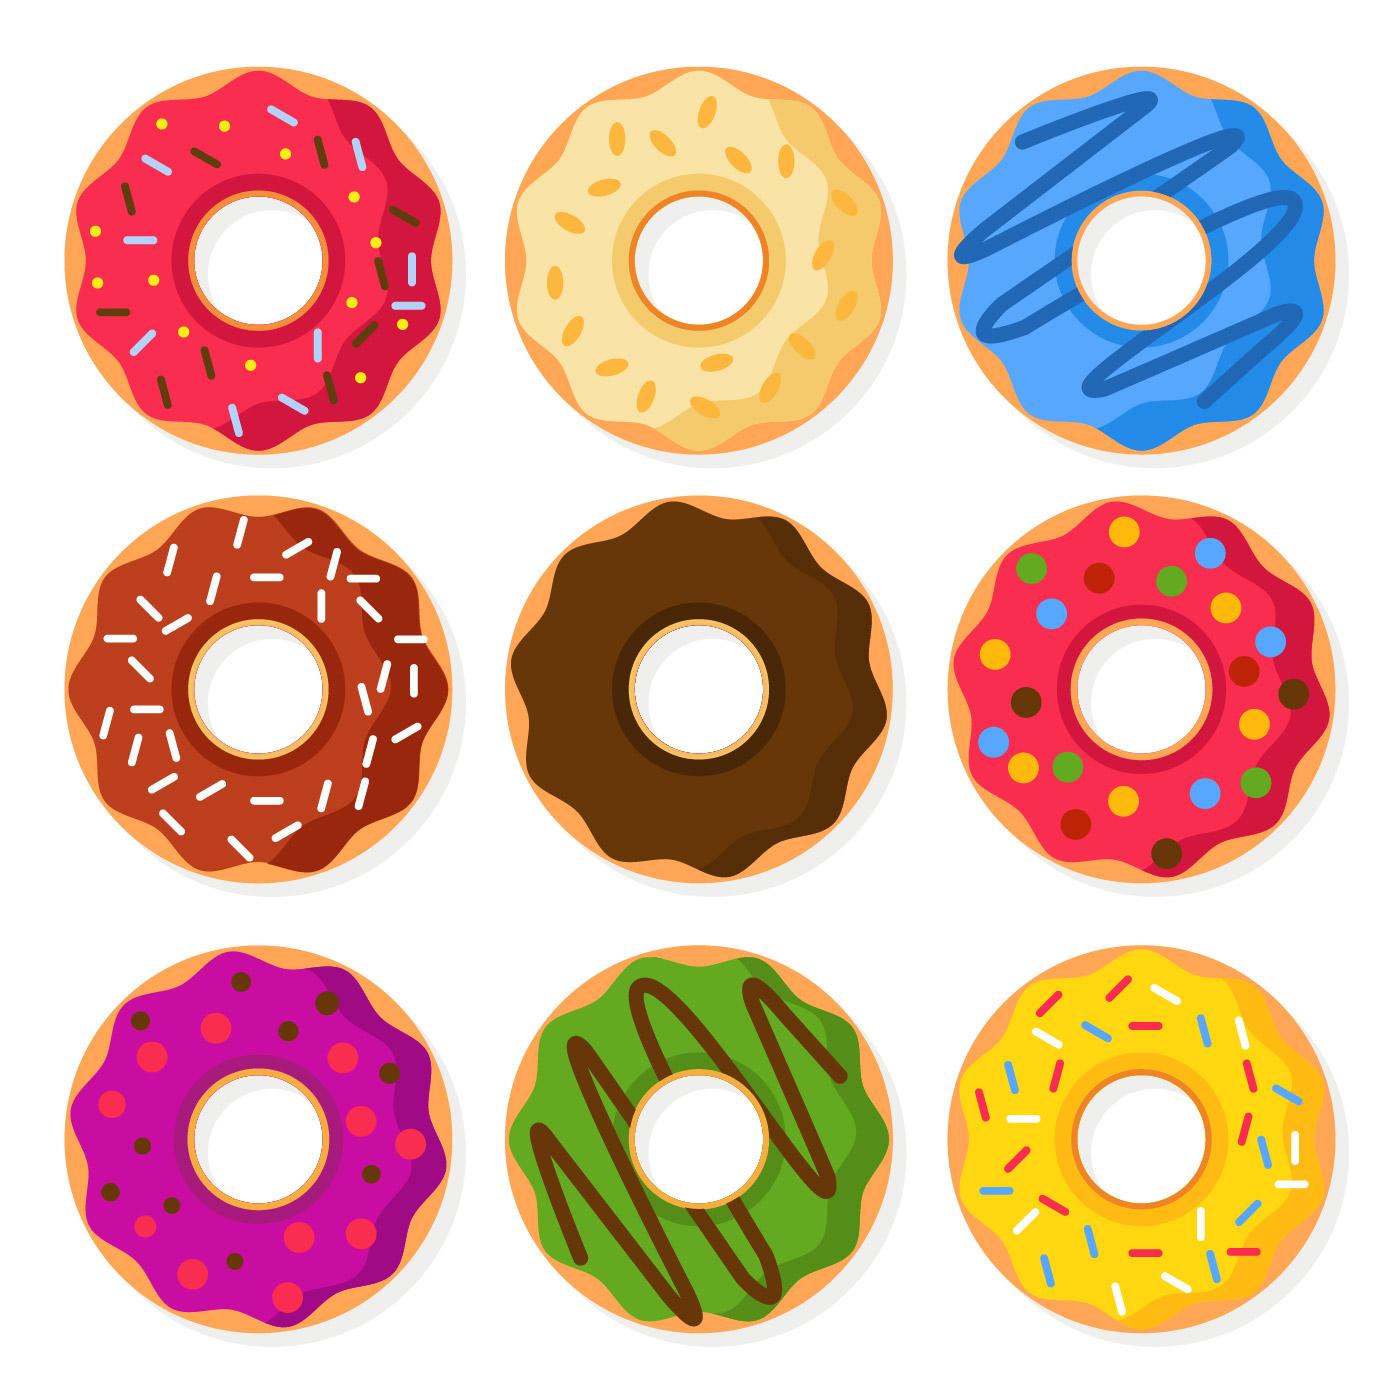 Donuts Vector Illustration Download Free Vectors